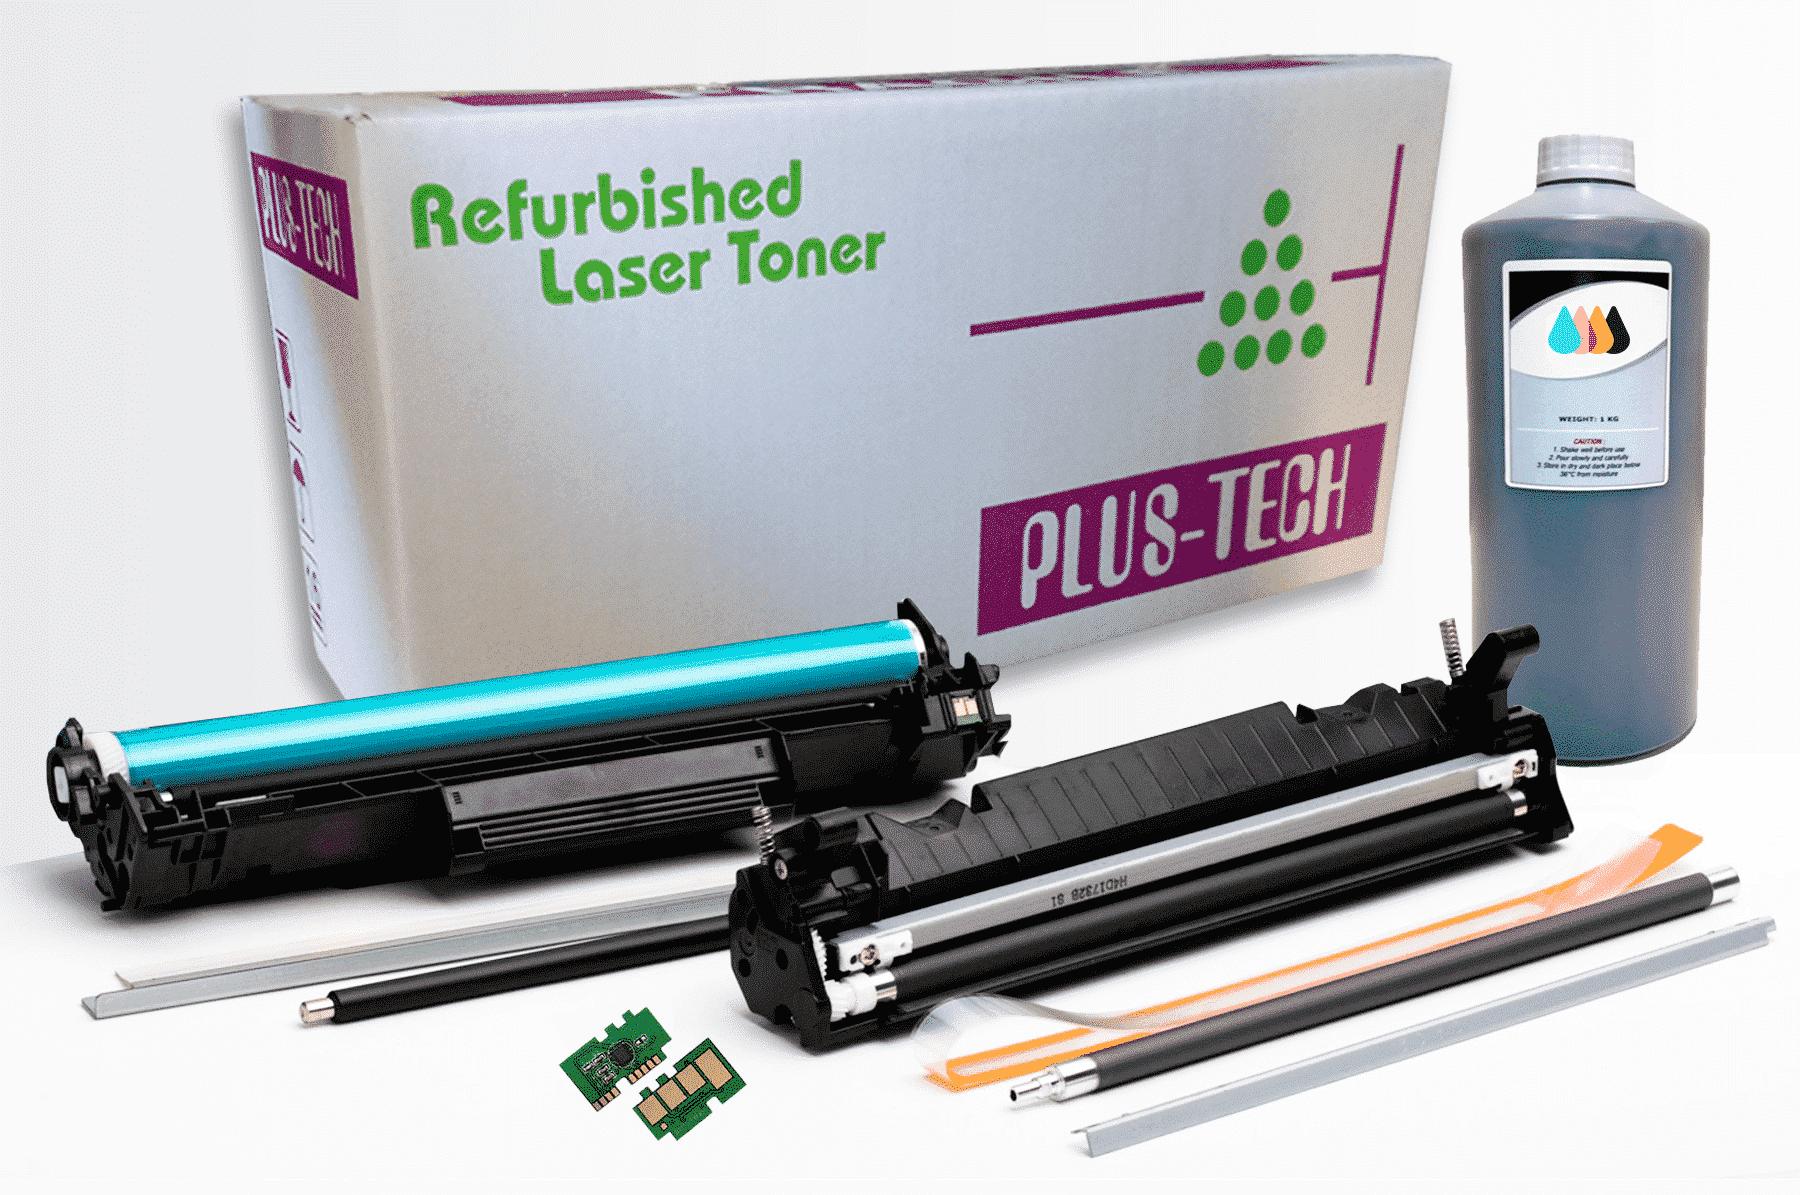 toner plus-tech toner renovado toner compatible una alternativa al toner original guatemala